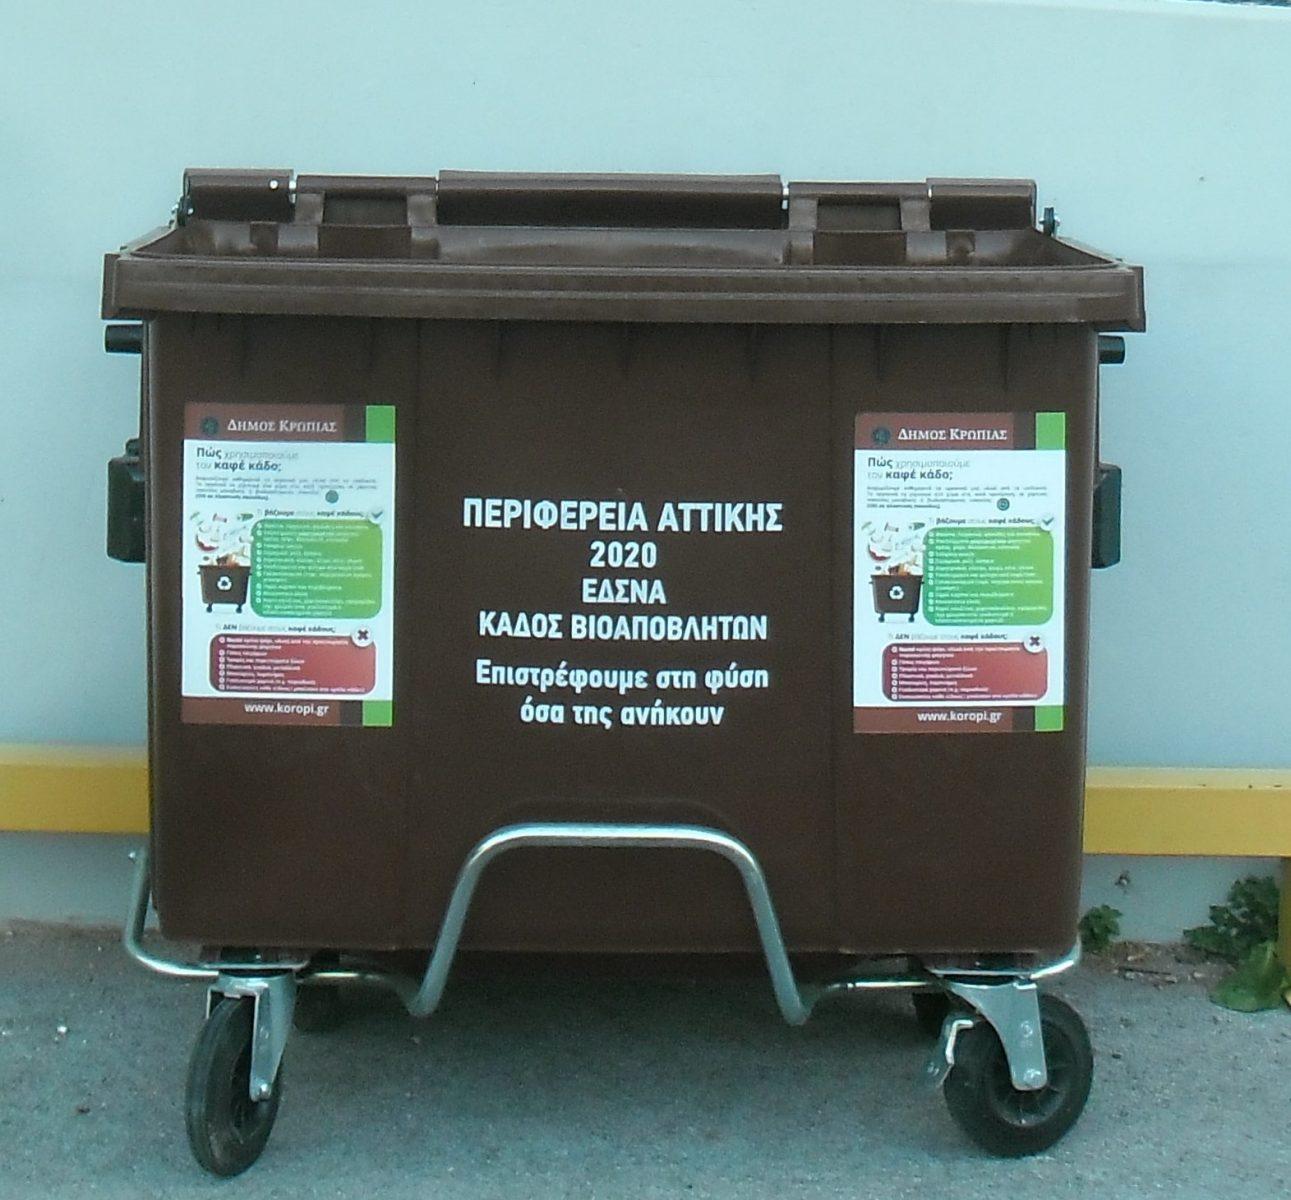 Το νέο σύστημα συλλογής οργανικών αποβλήτων («ΚΑΦΕ ΚΑΔΟΣ») στο Δήμο Κρωπίας- Οδηγίες χρήσης